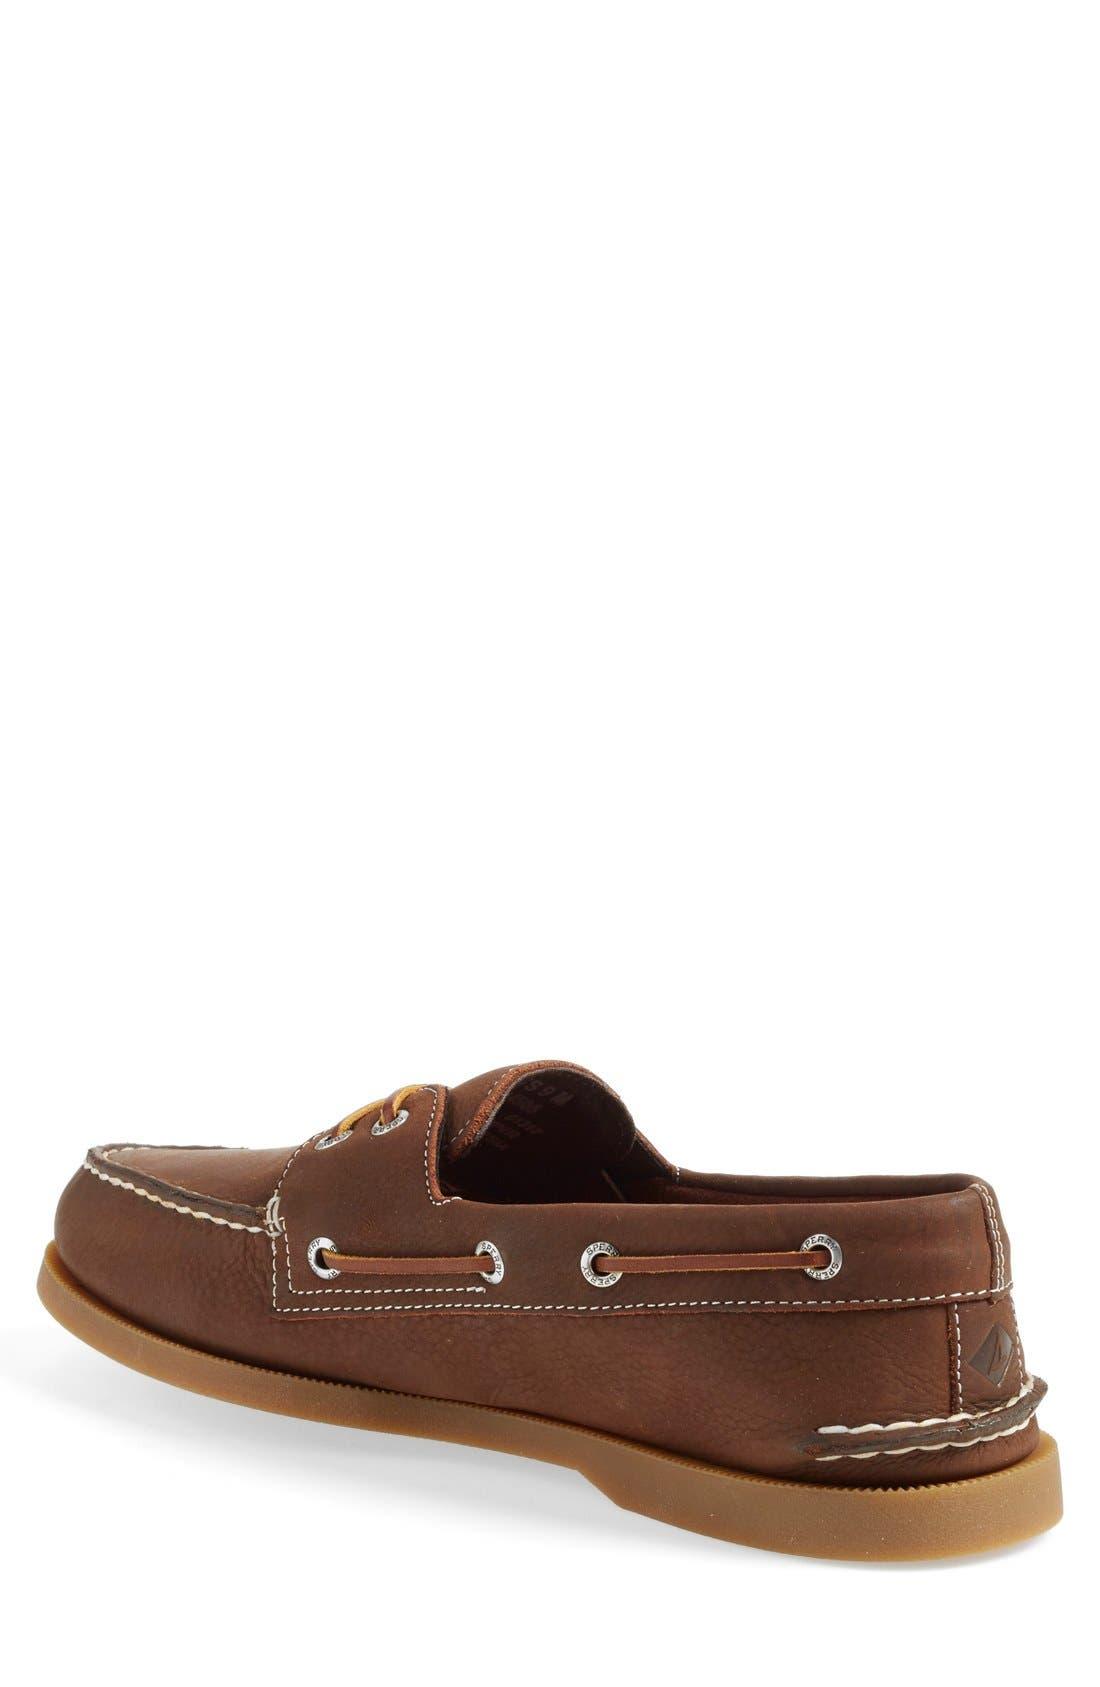 Alternate Image 2  - Sperry 'Authentic Original' Boat Shoe (Men)